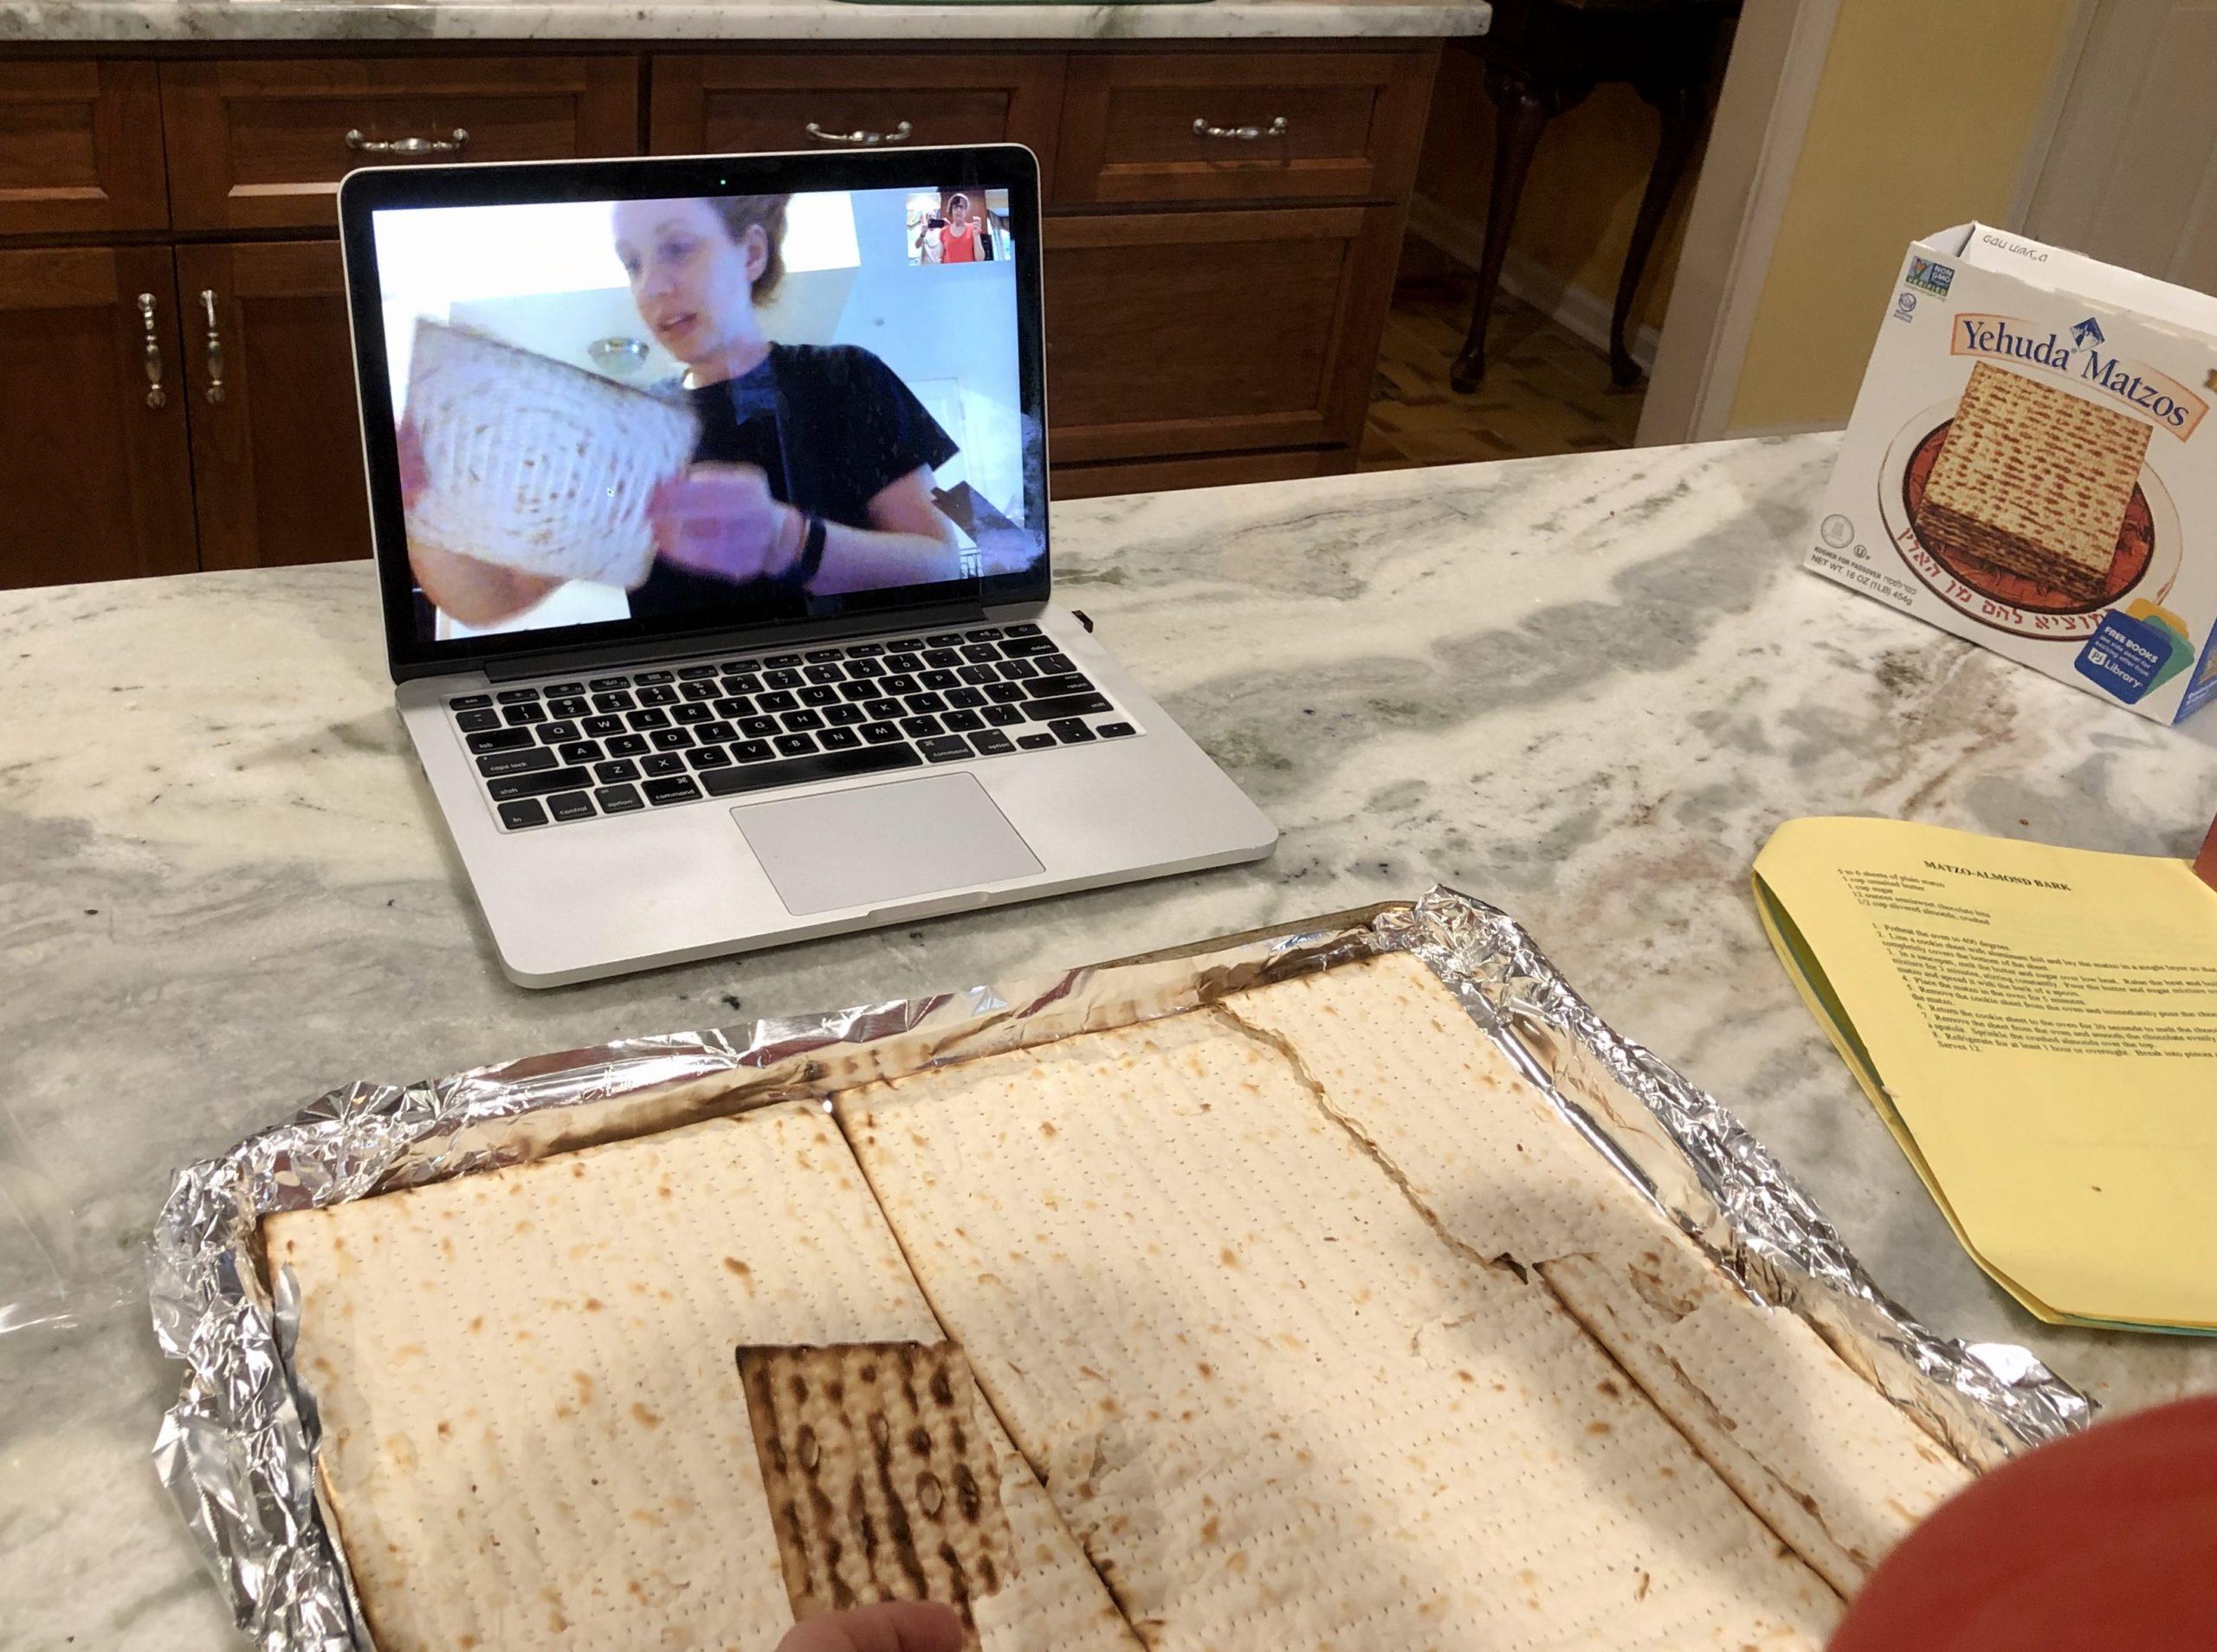 Preparing a matozh recipe over FaceTime